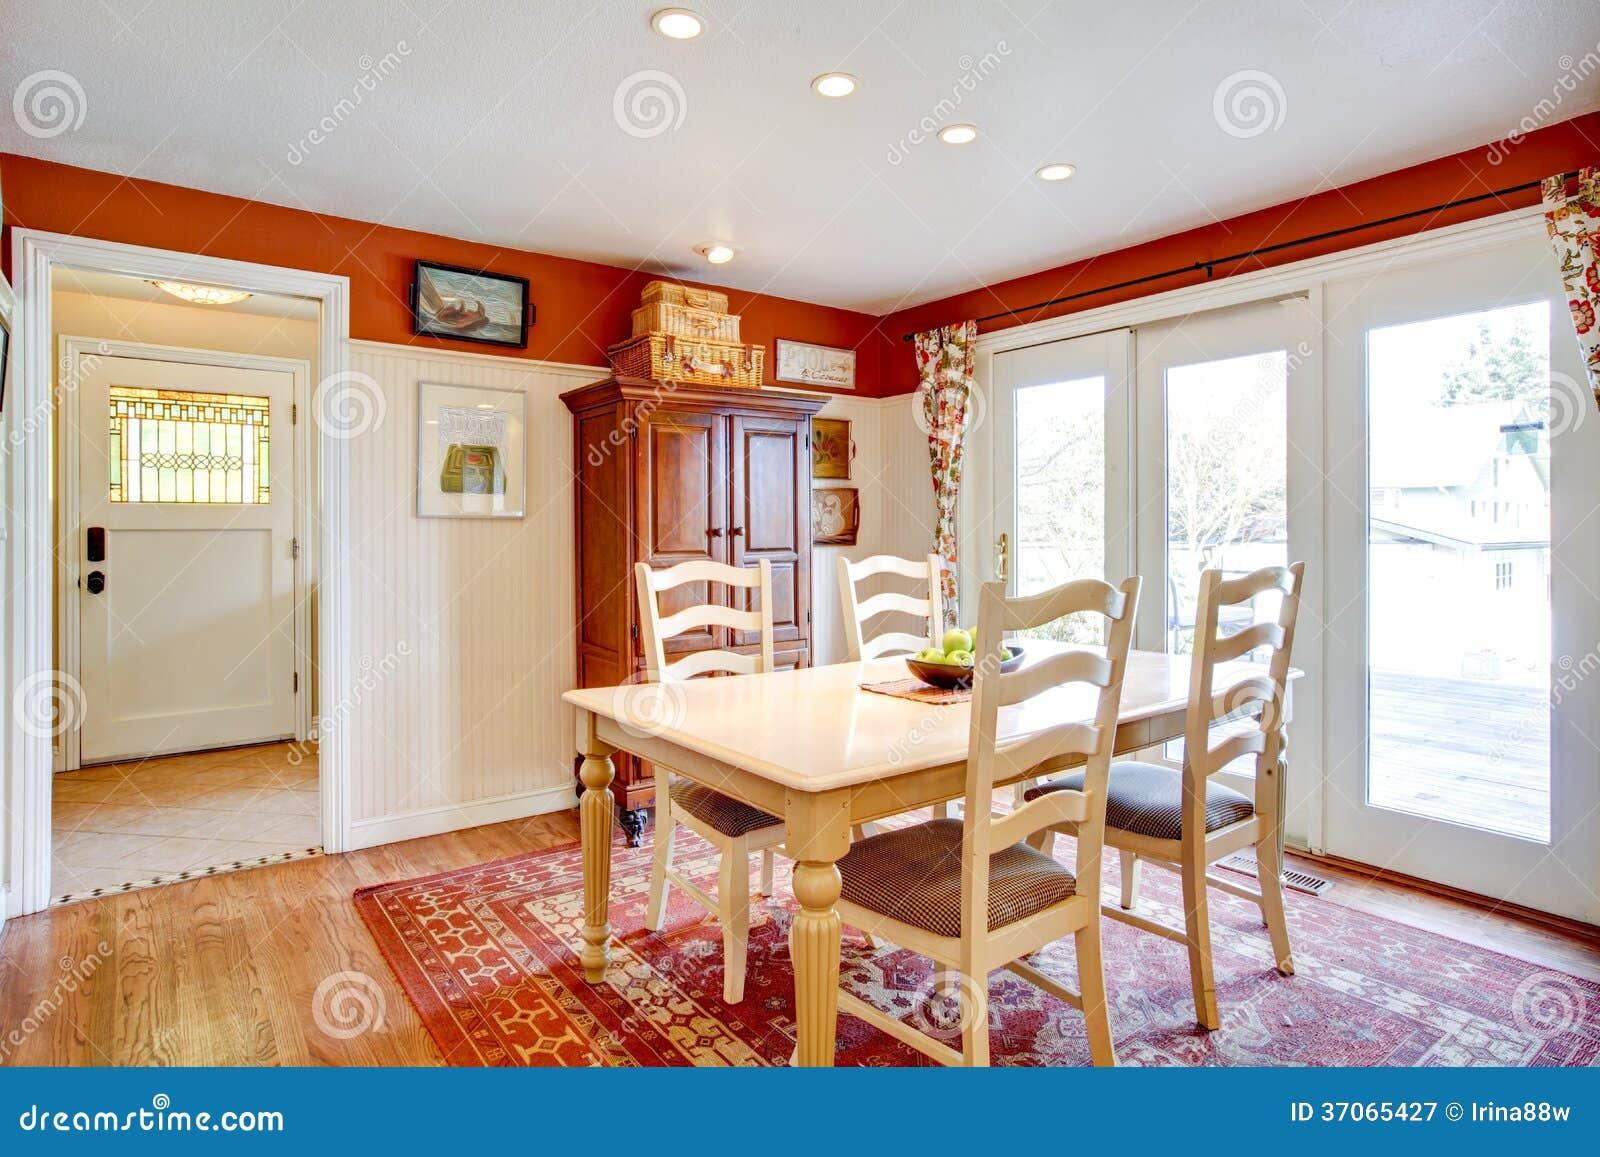 pi ce chaude simple de cuisine de couleurs avec une petite salle manger photographie stock. Black Bedroom Furniture Sets. Home Design Ideas